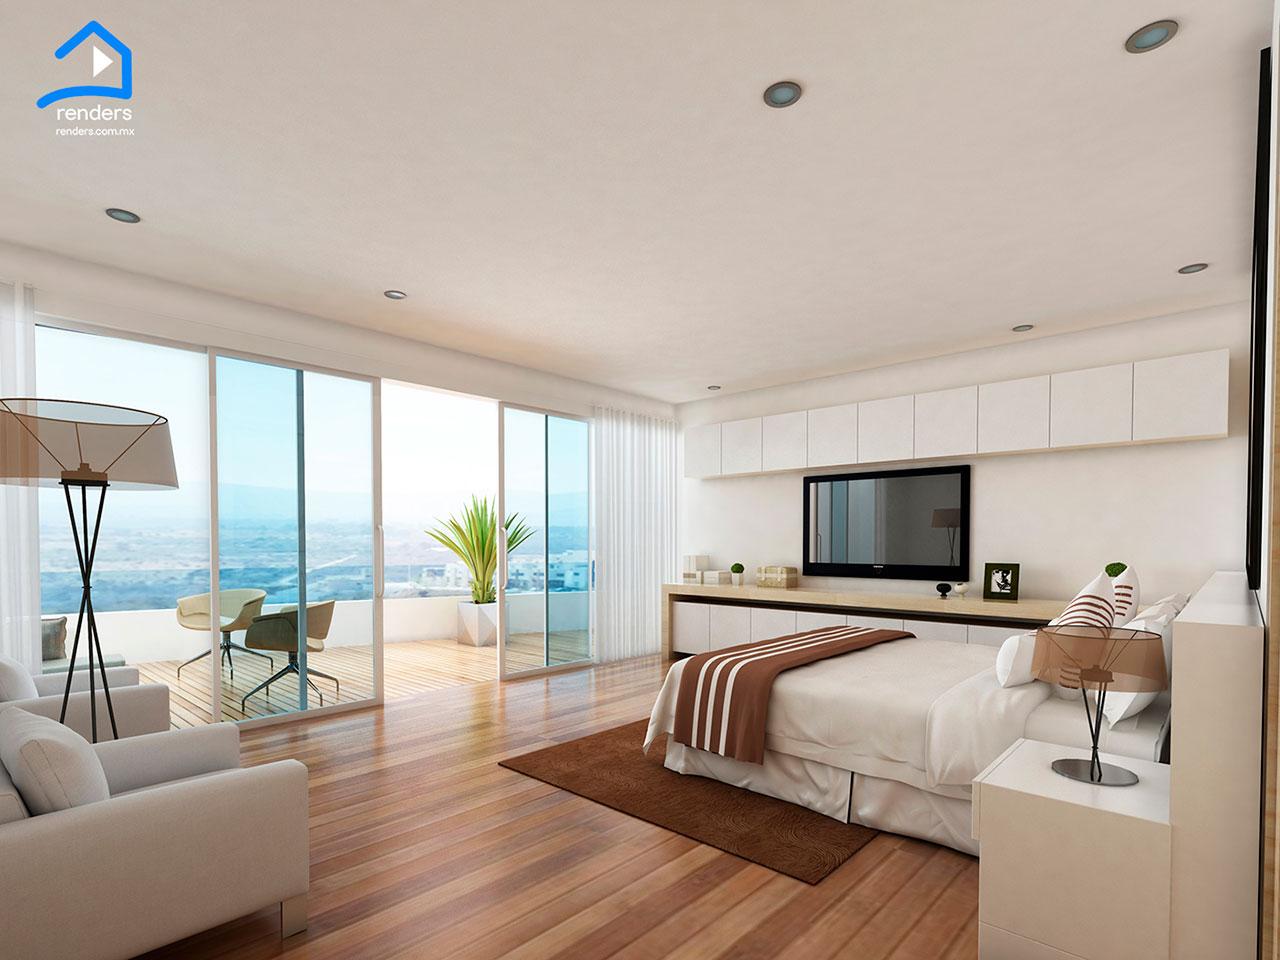 render interior habitacion de hotel